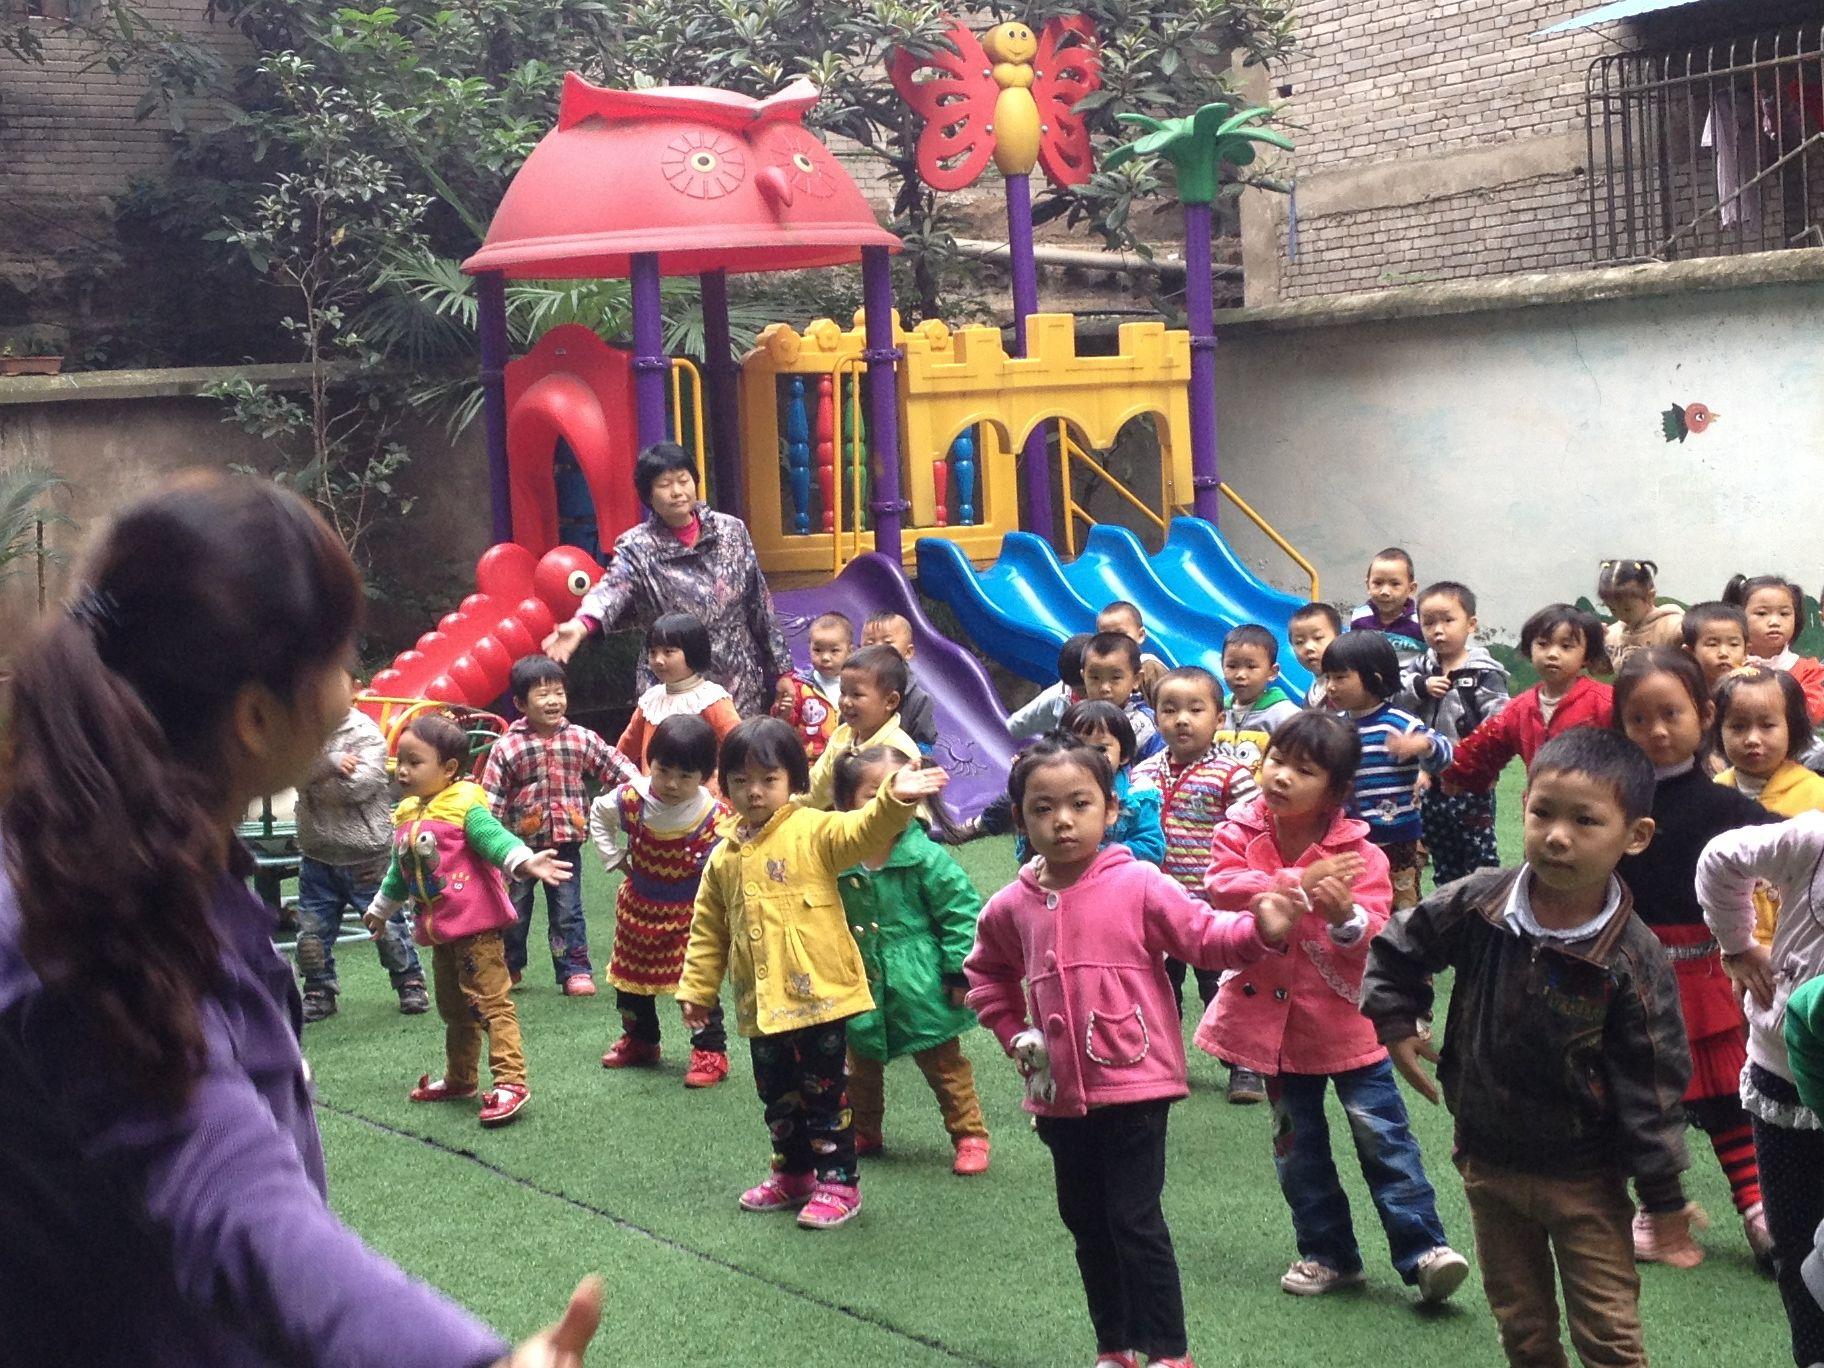 Hokey Pokey Fun And Learning